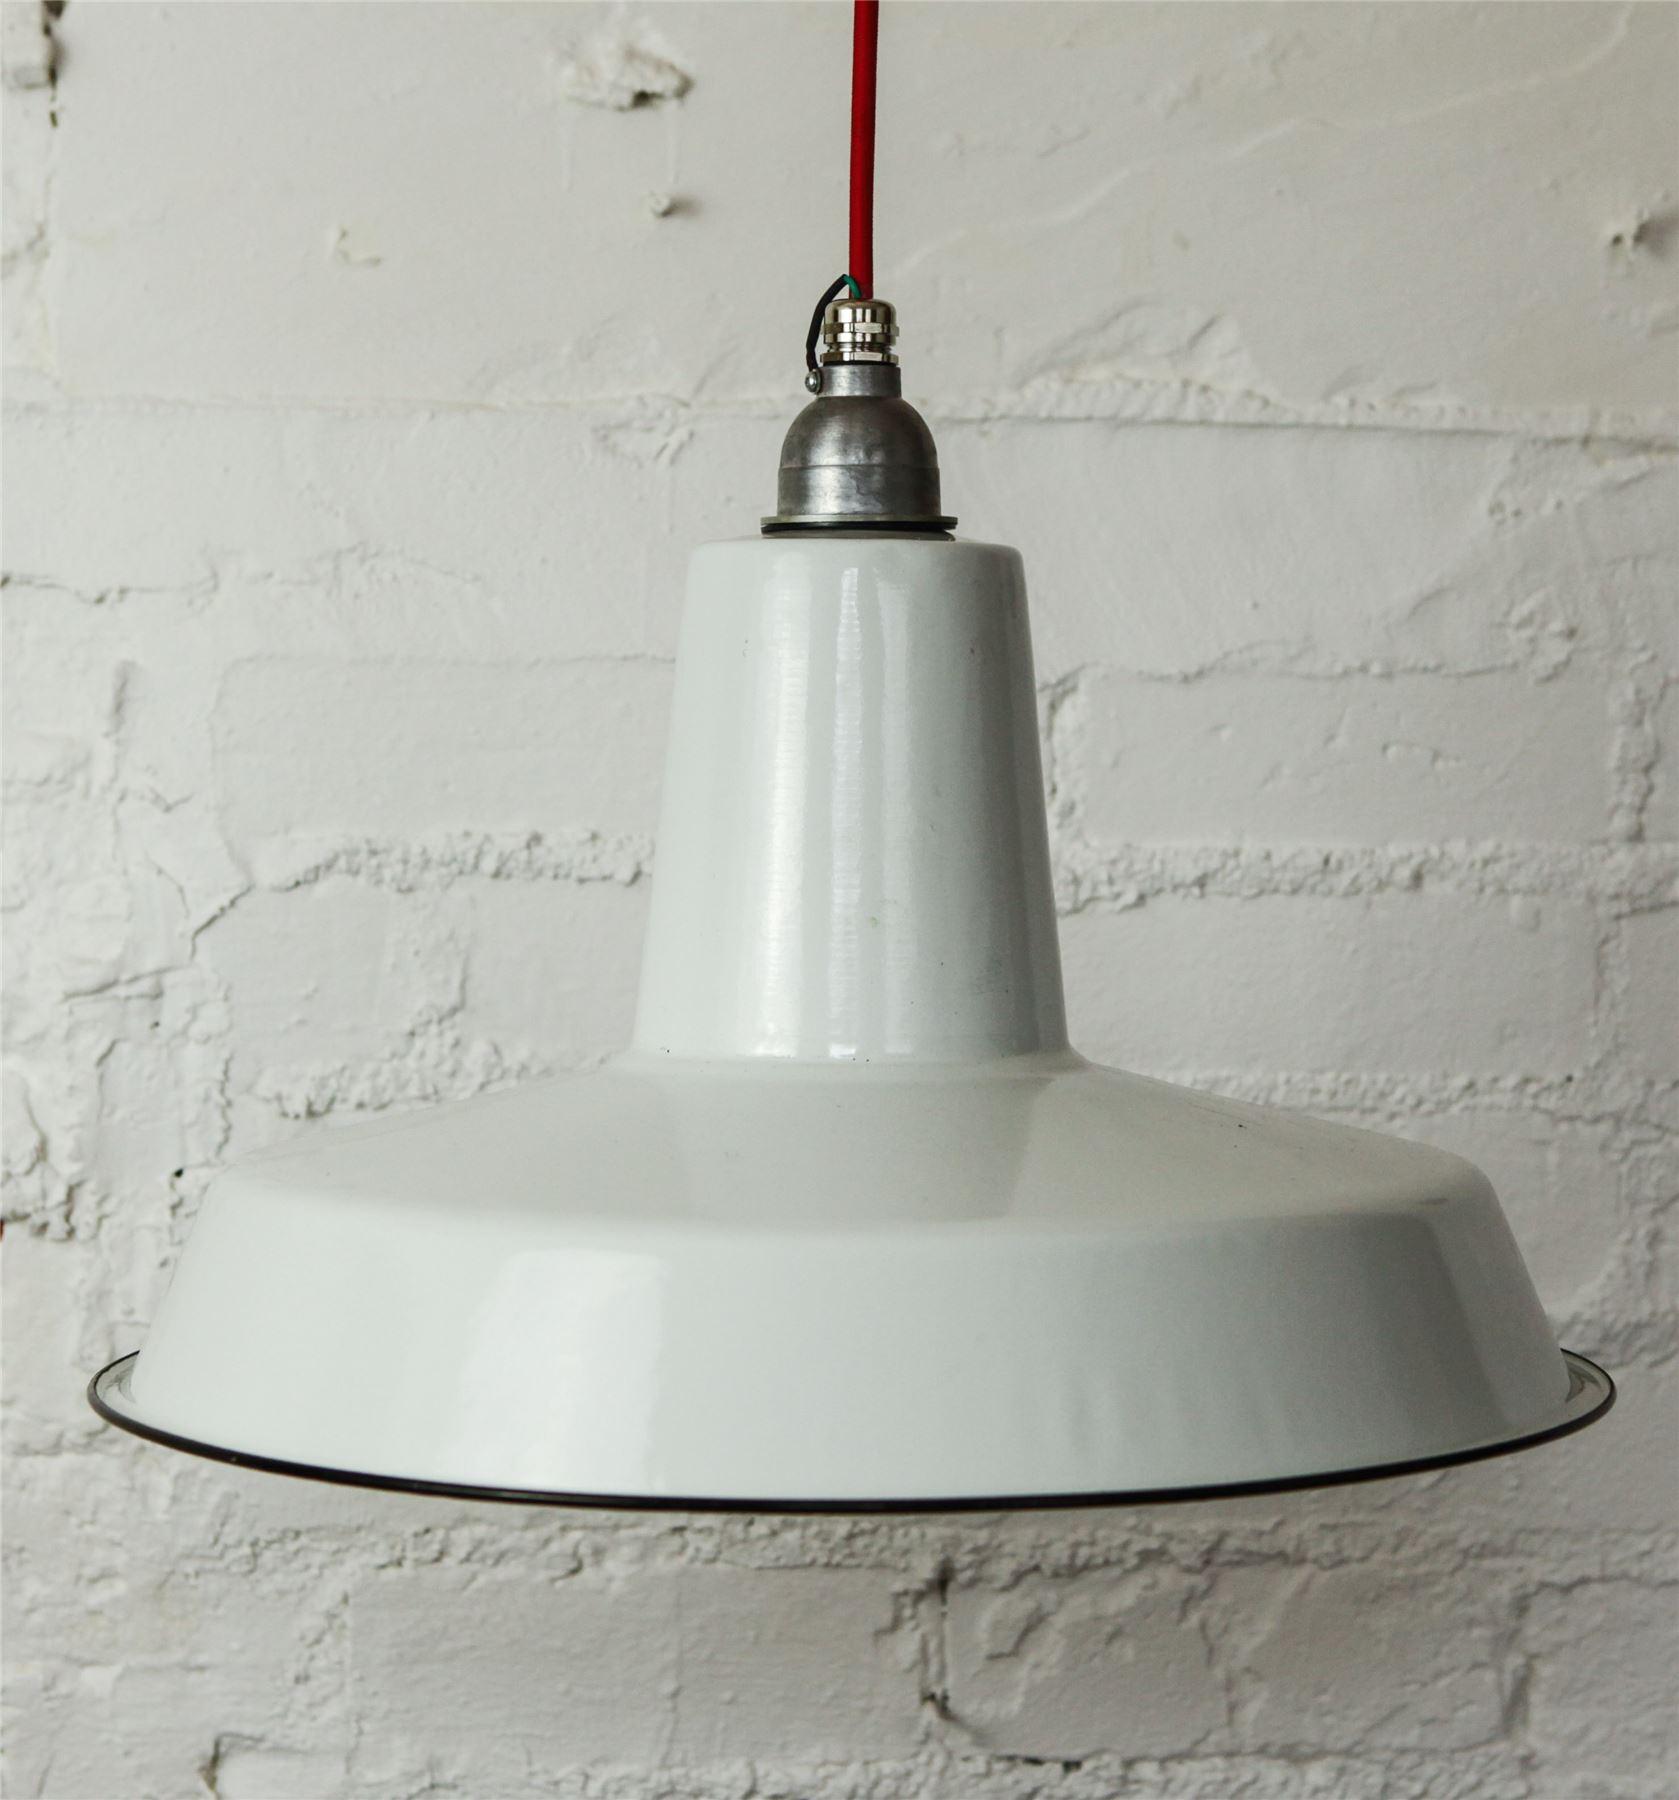 lampadari industriali vintage : ... DA-SOFFITTO-BIANCO-SMALTATO-Vintage-industriali-cavo-in-tessuto-ombra